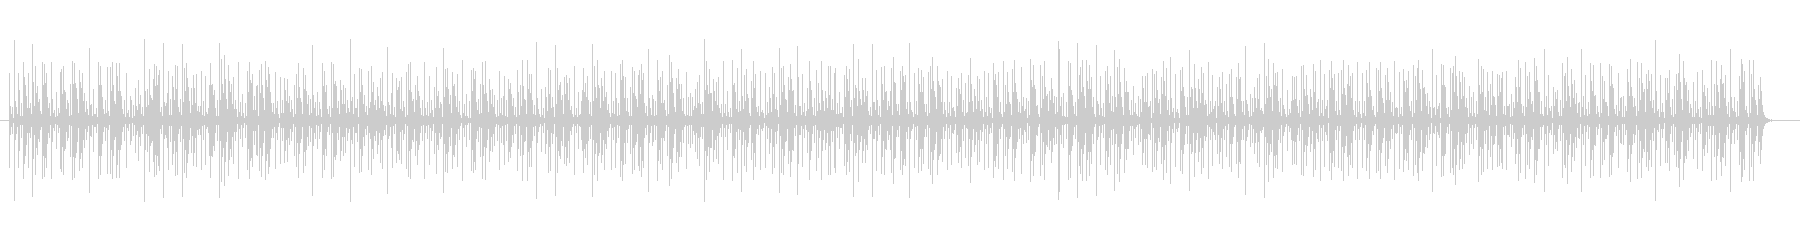 コンガのリズムBGM テンポ100ですの未再生の波形